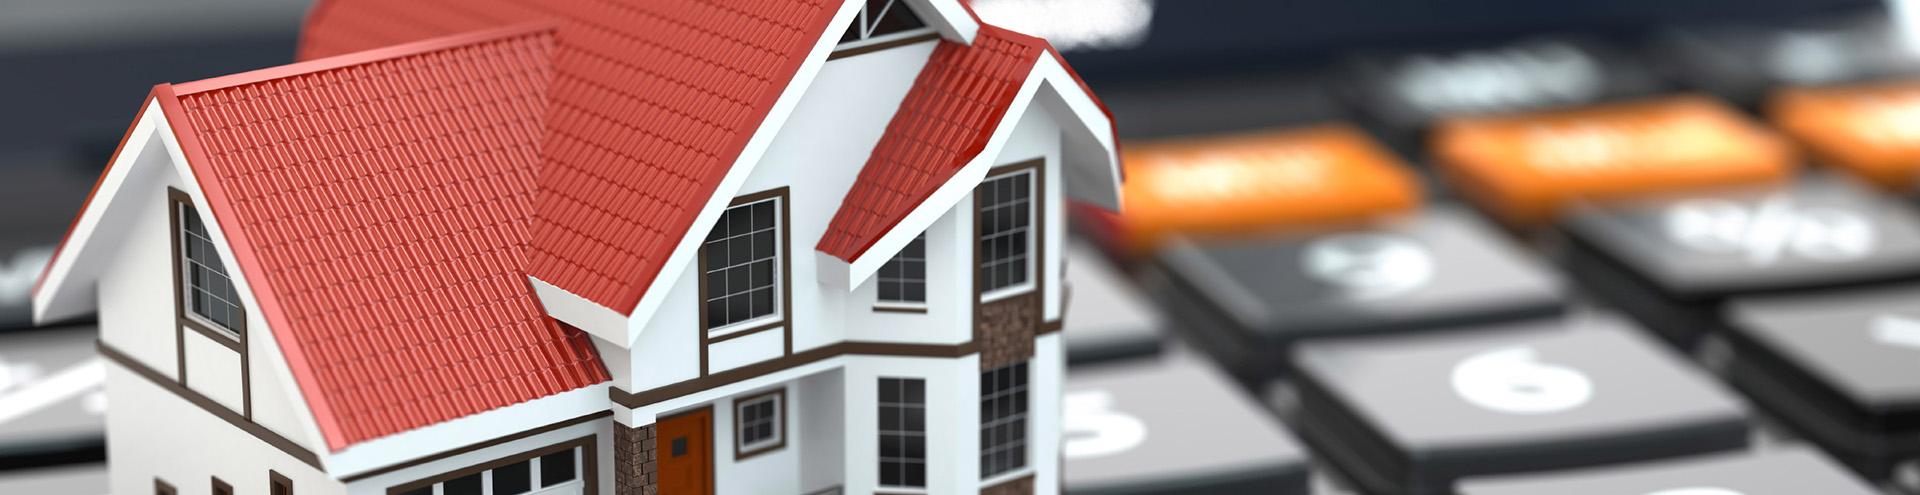 кадастровая стоимость квартиры в Самаре